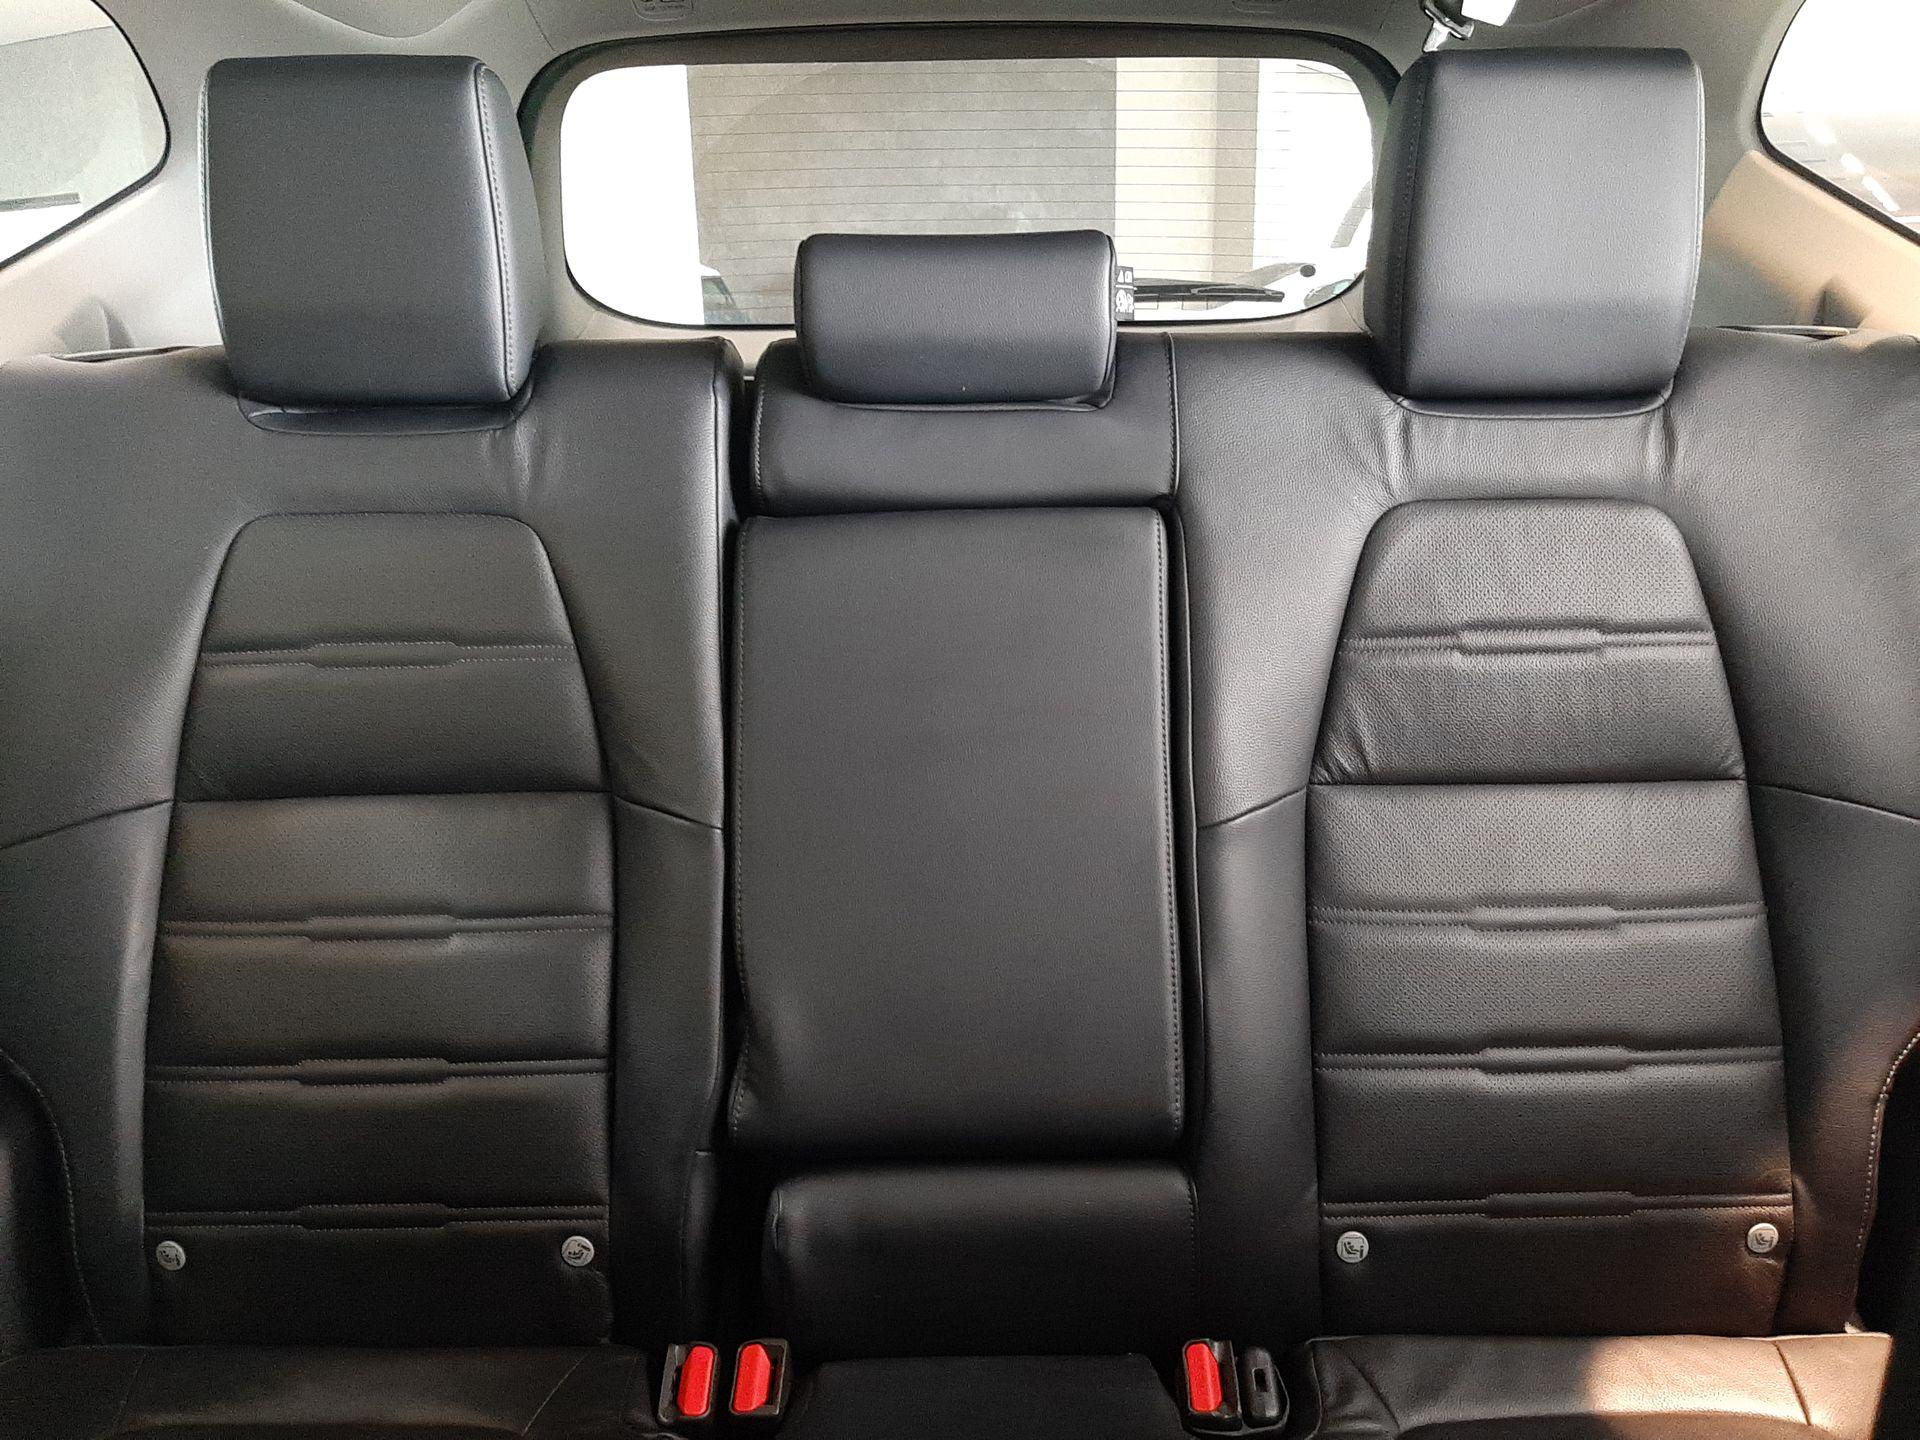 2017 Honda CR-V 2.0L I-Vtec (A)